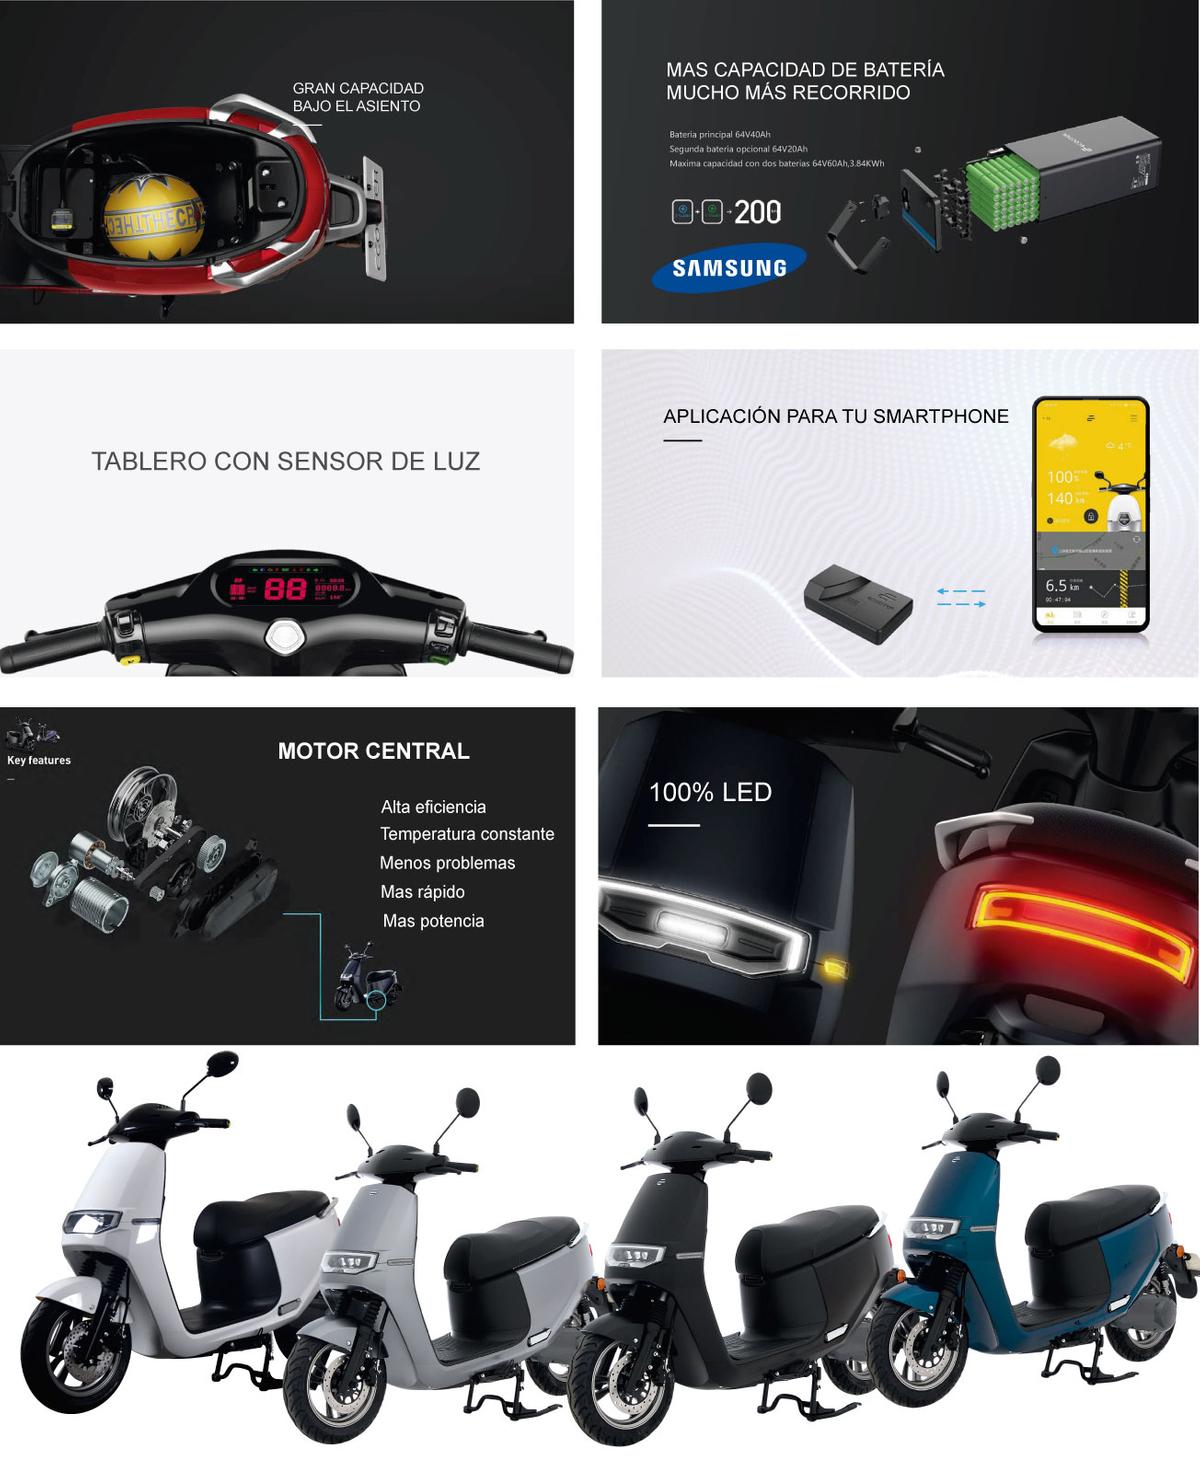 ¿Tienes que elegir? Elige movilidad eléctrica...